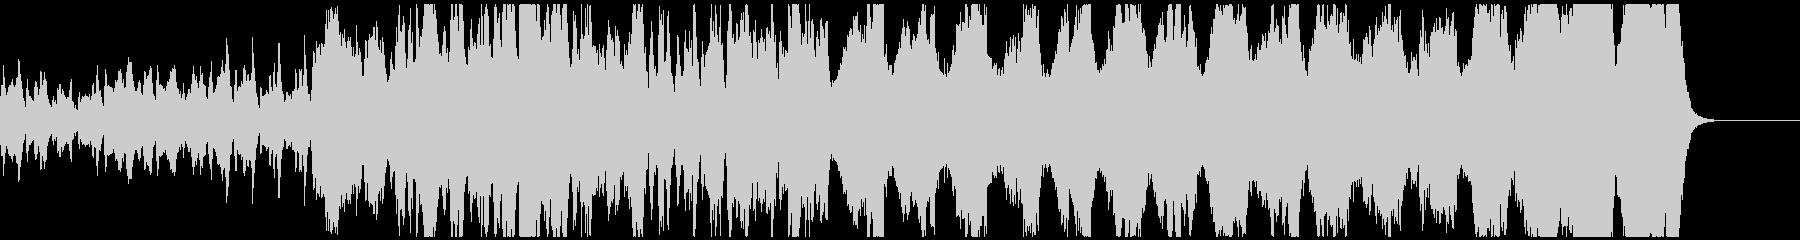 明るい弦楽四重奏の未再生の波形